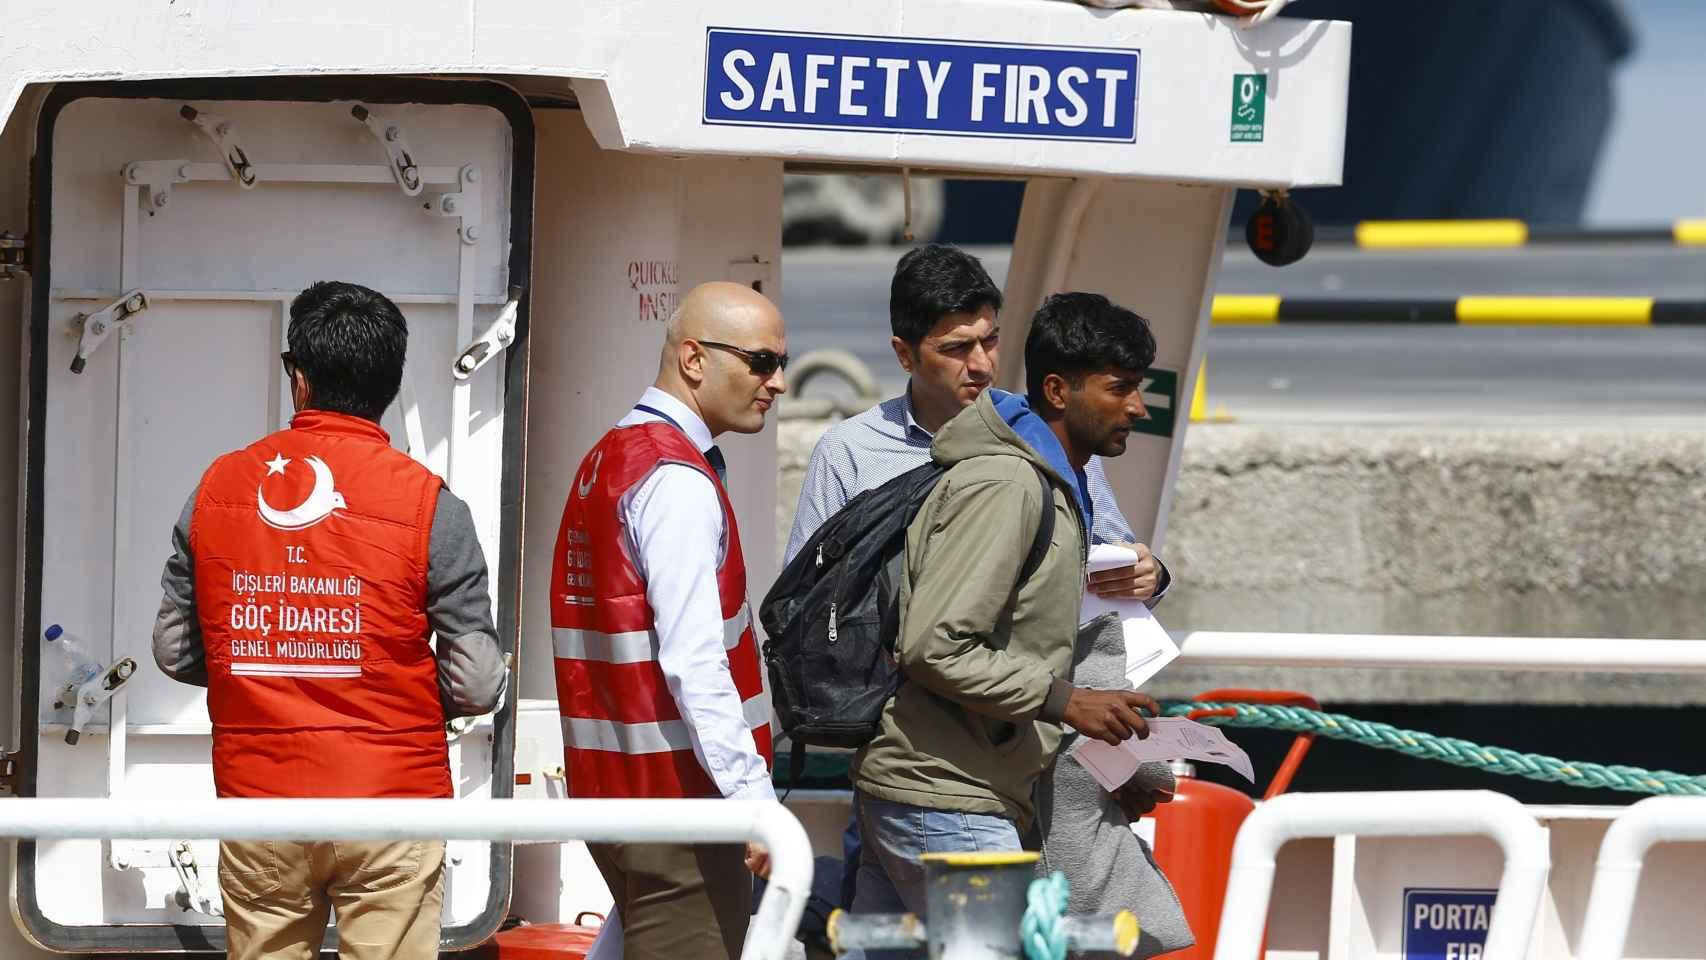 Un migrante deportado a Turquía, bajo una señal de la seguridad, primero.